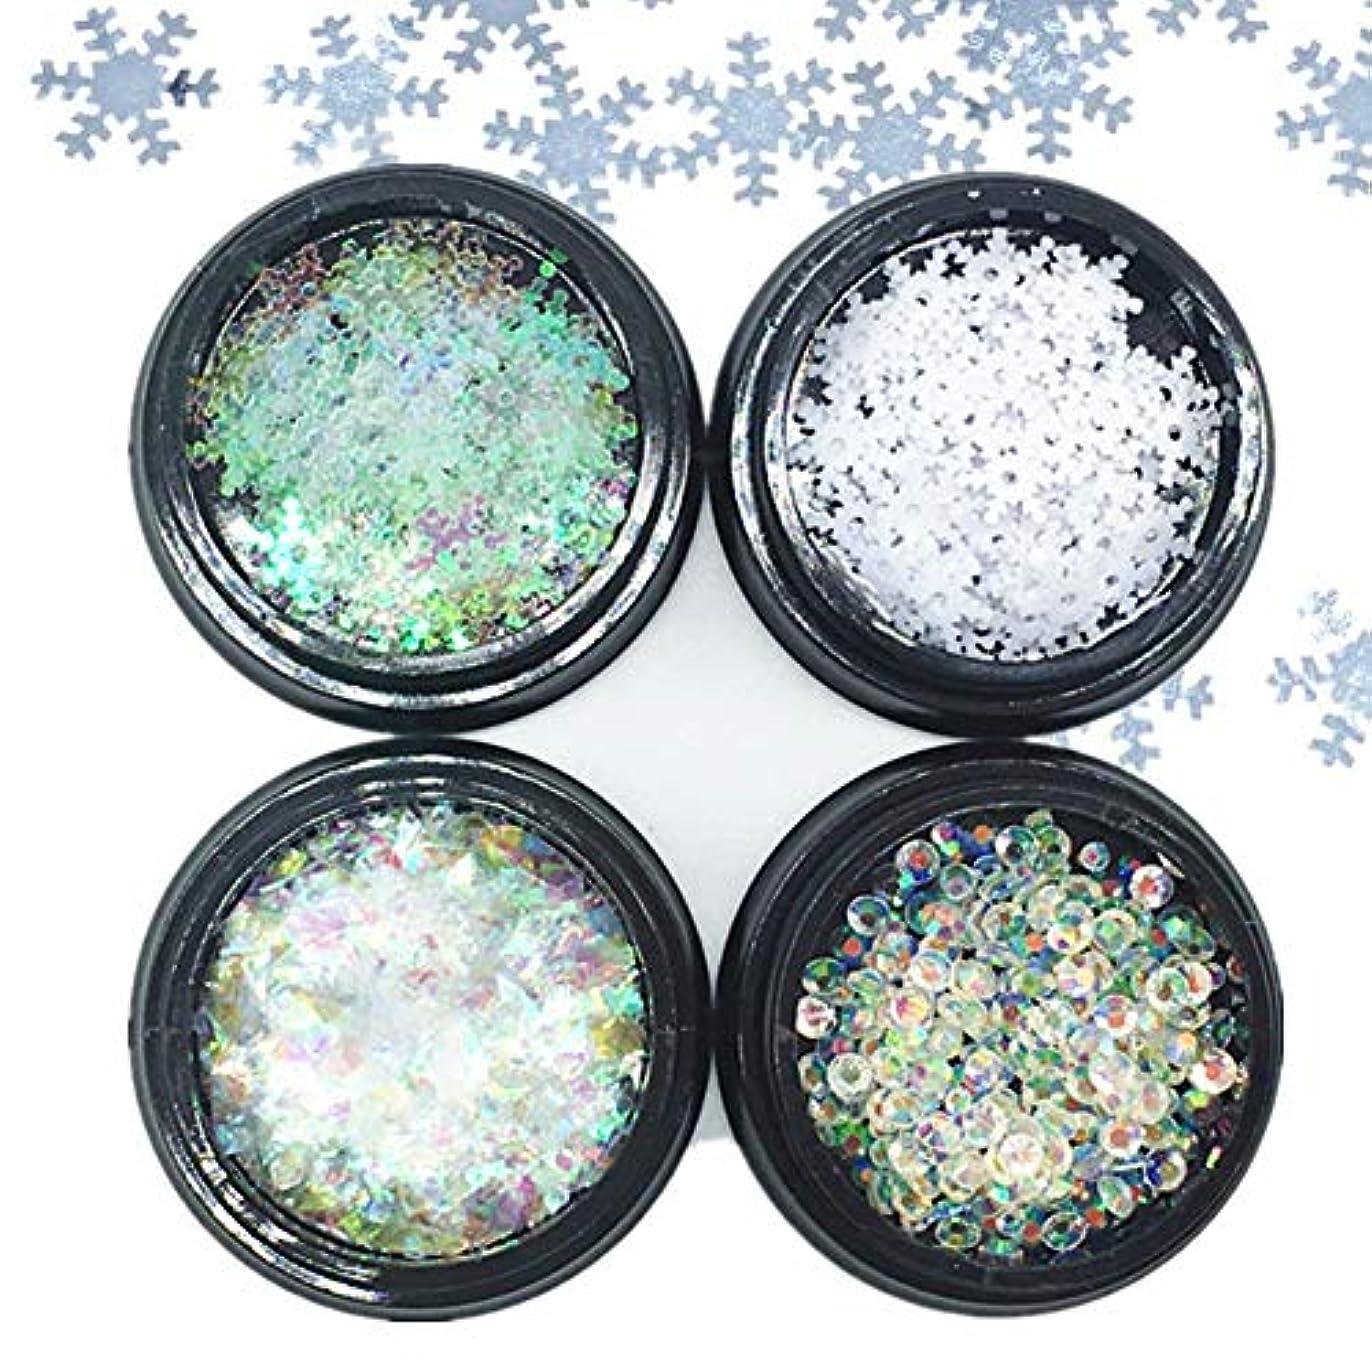 正気返還残酷4ボックス/セット スノーフレーク 雪花 クリスマス 冬ネイル ホログラム ダイヤモンド ラインストーン ネイルストーン ネイルパーツ 3Dパーツ ネイルデコ ジェルパーツ